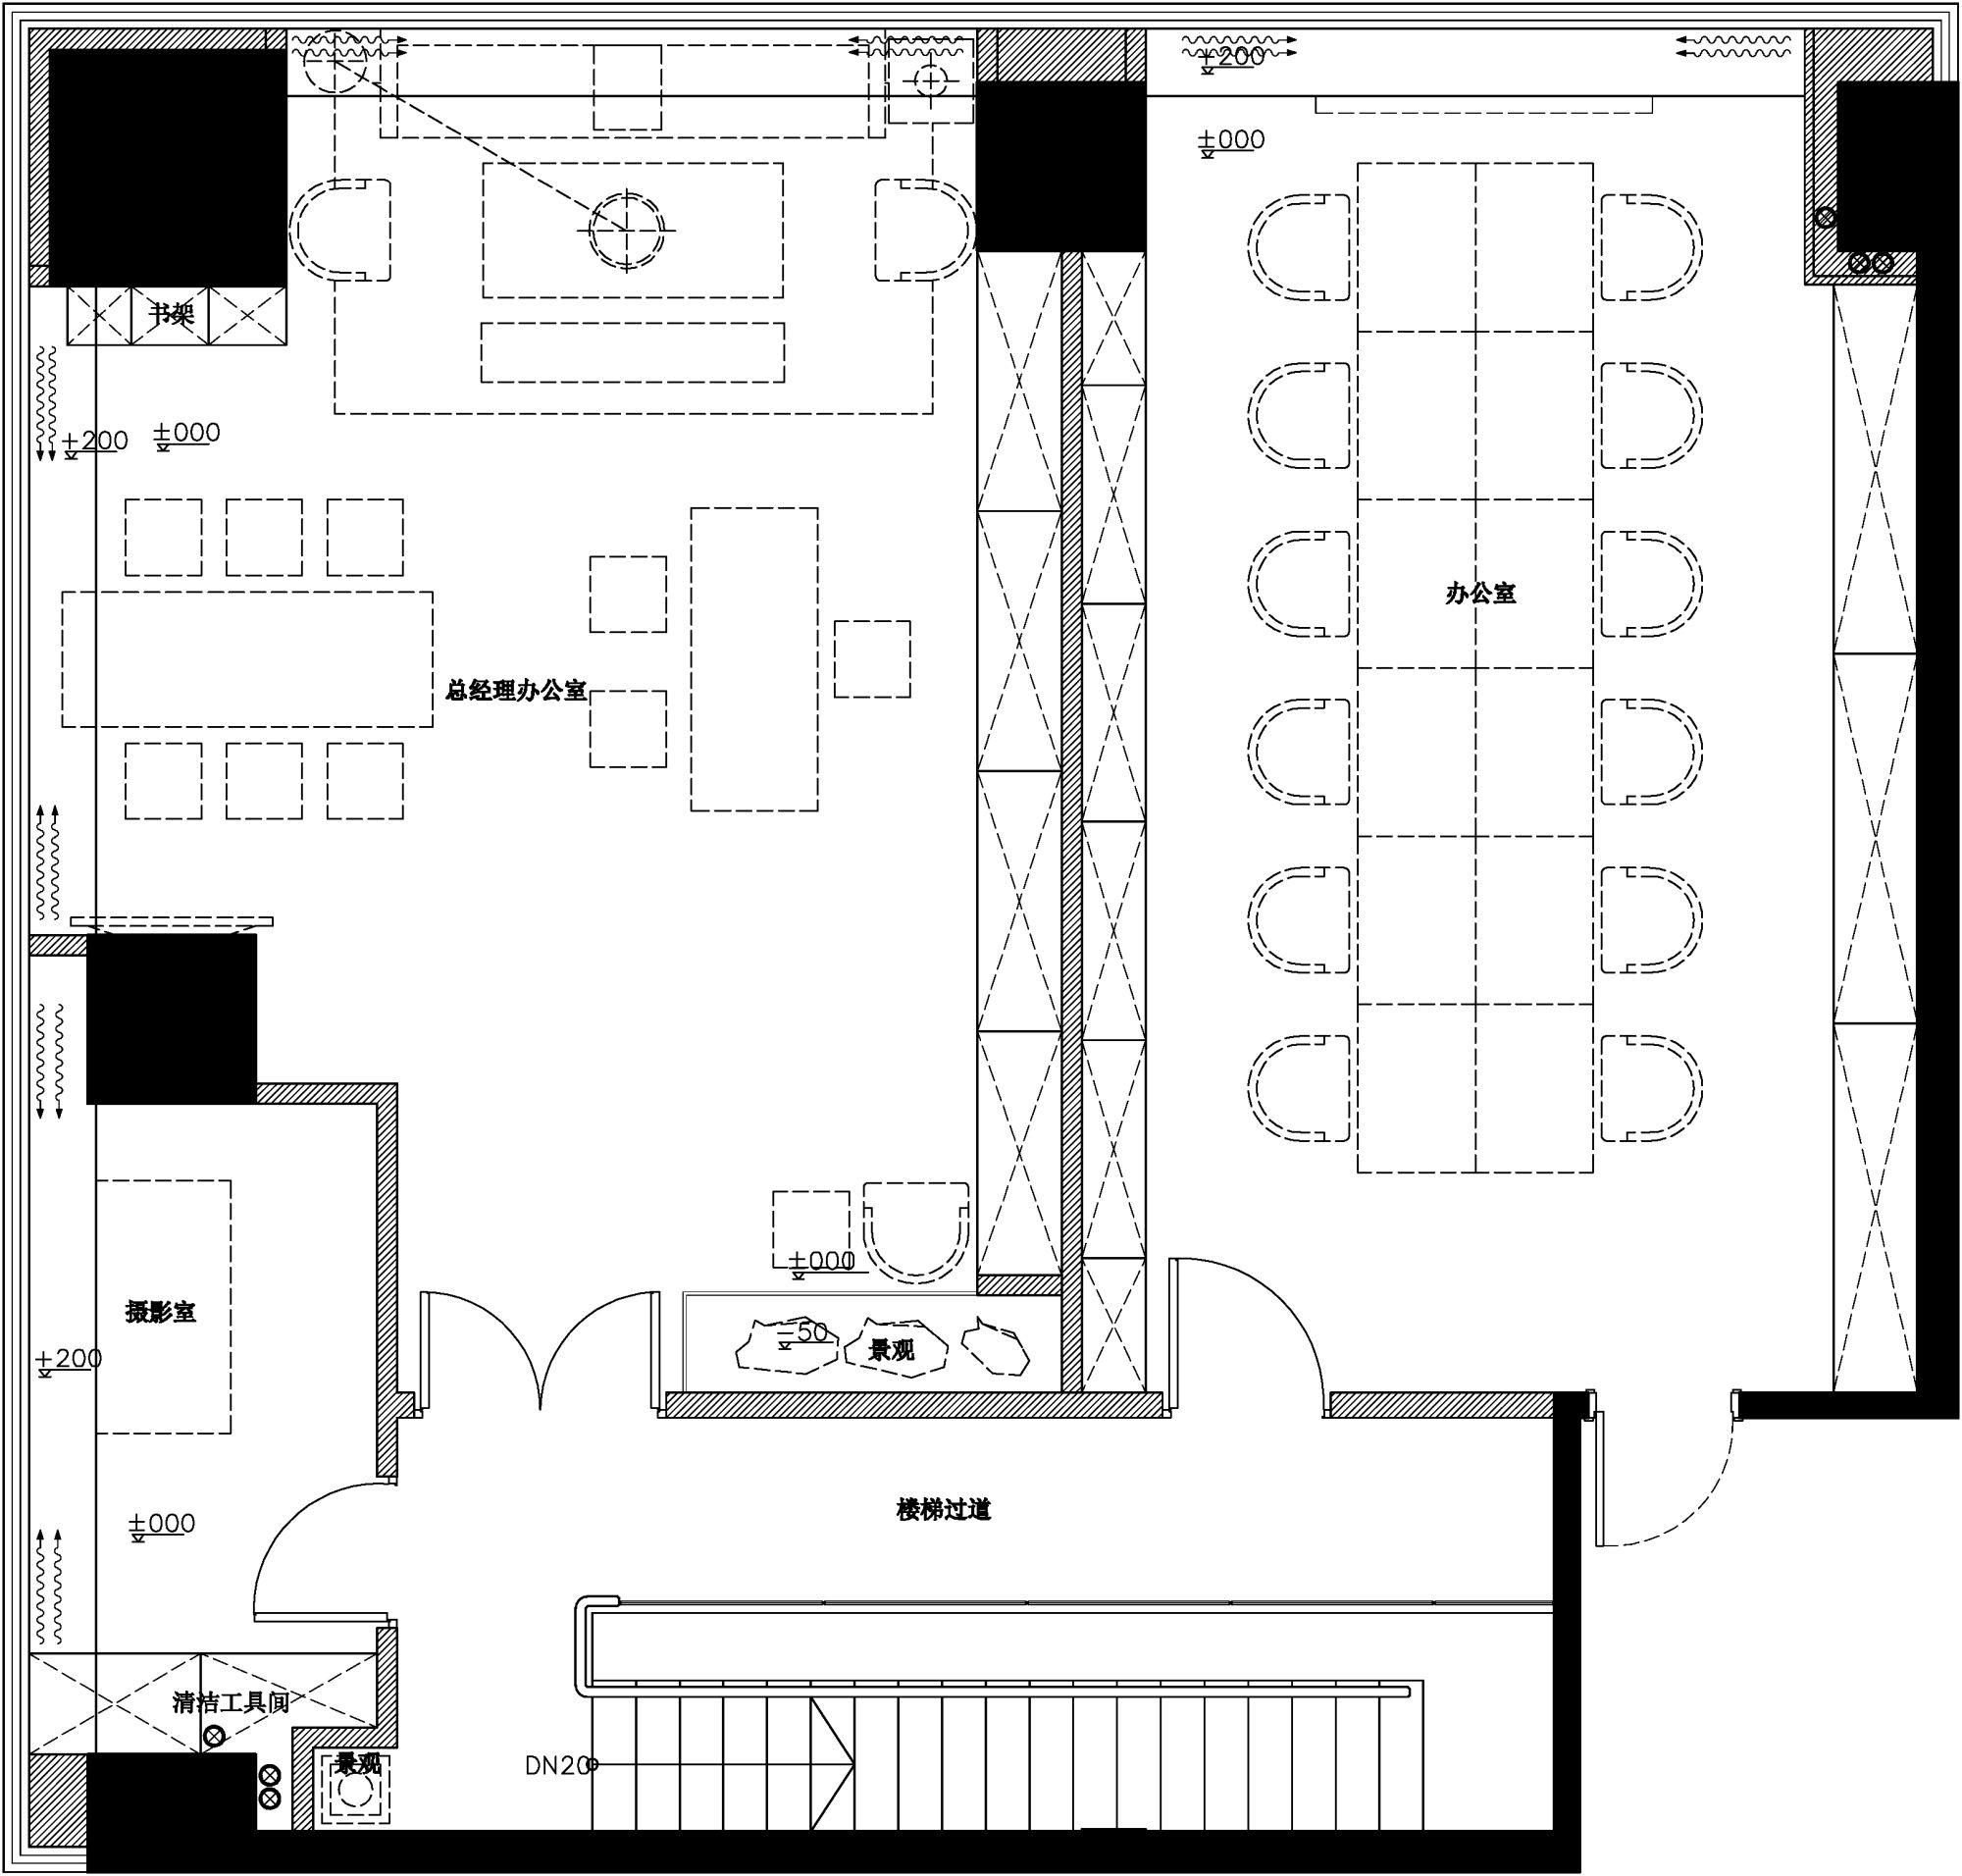 璞玉展厅2f平面图